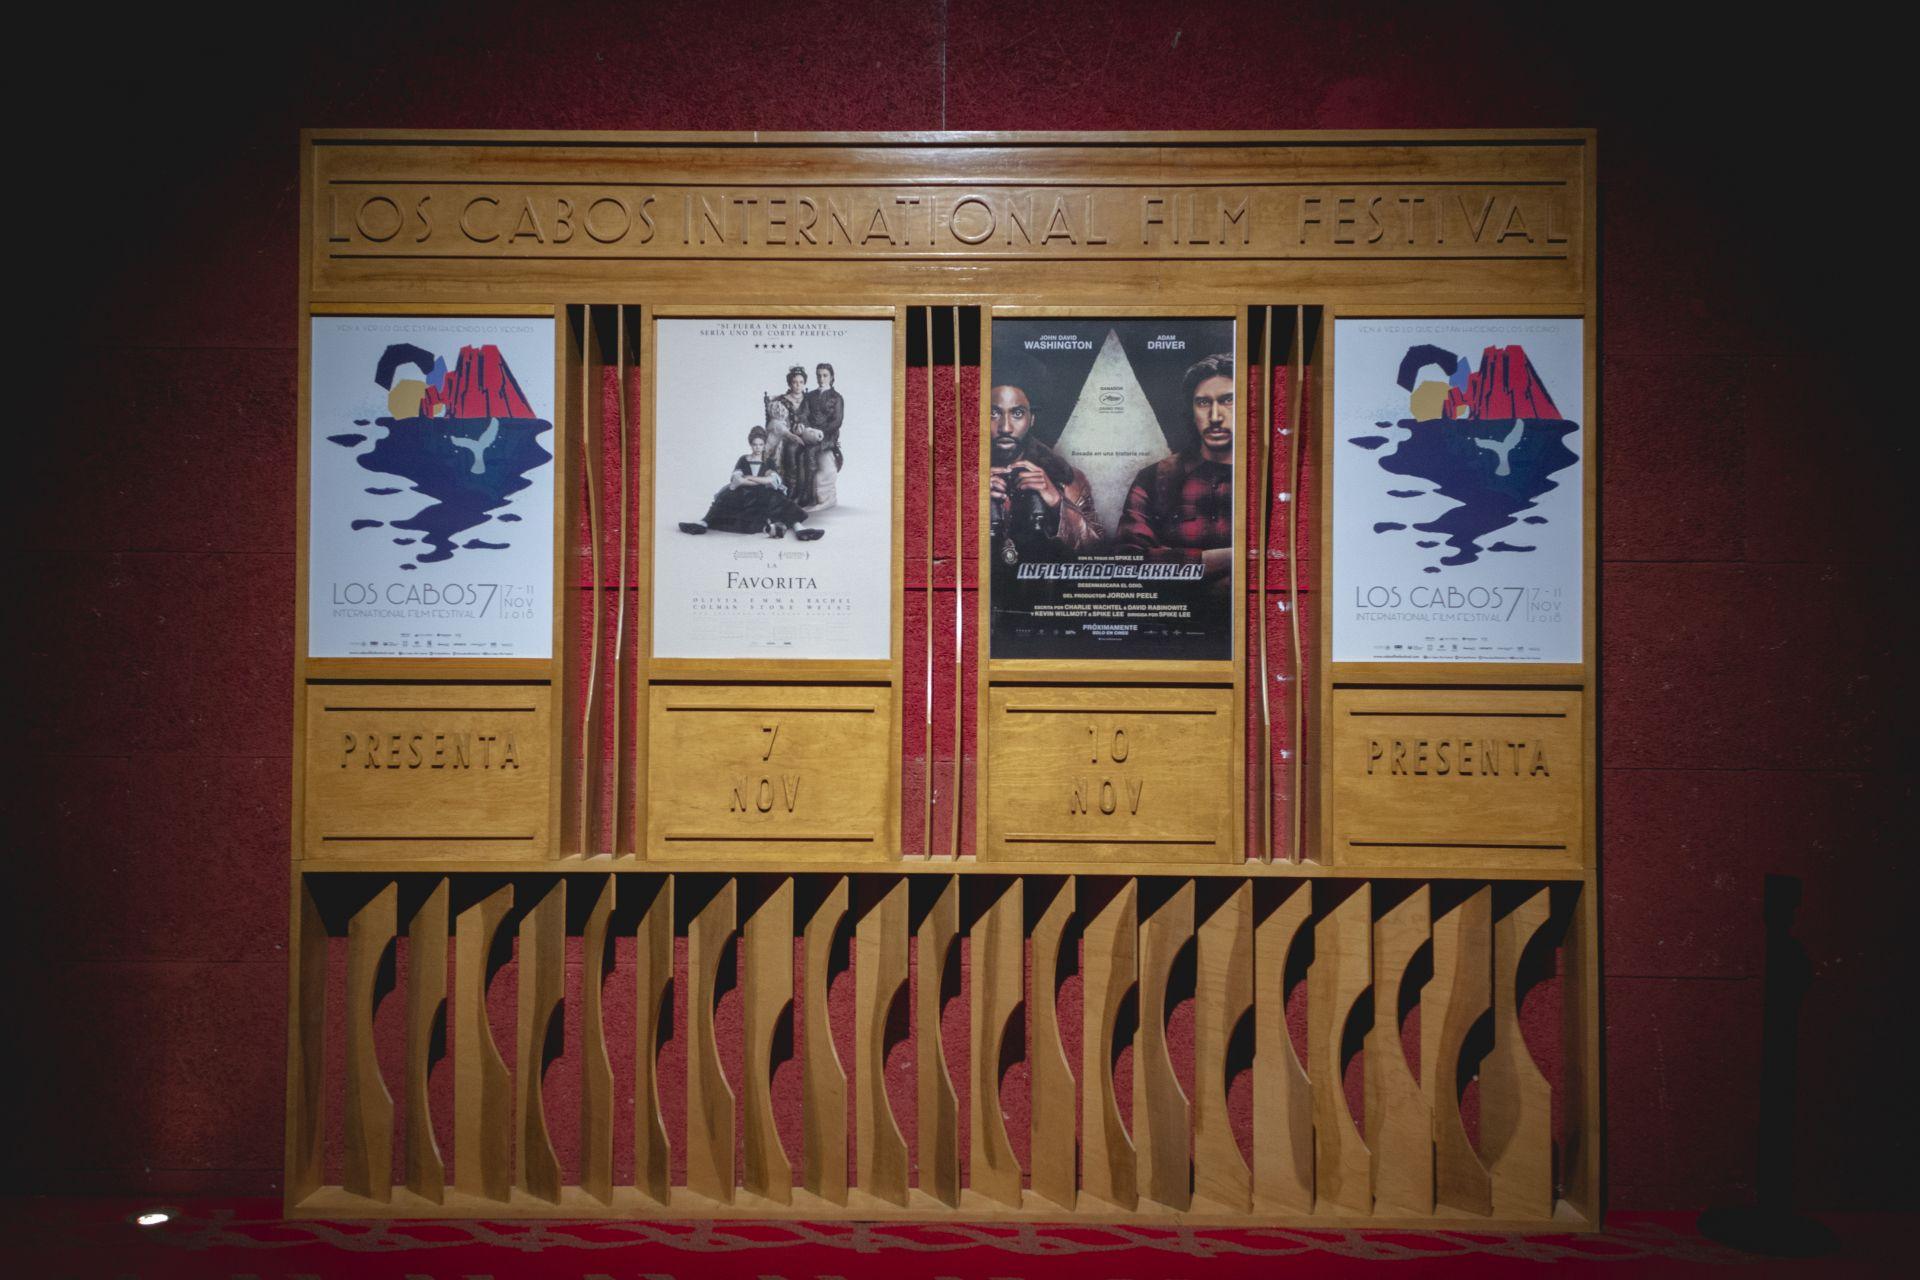 Los_Cabos_Film_Festival_79